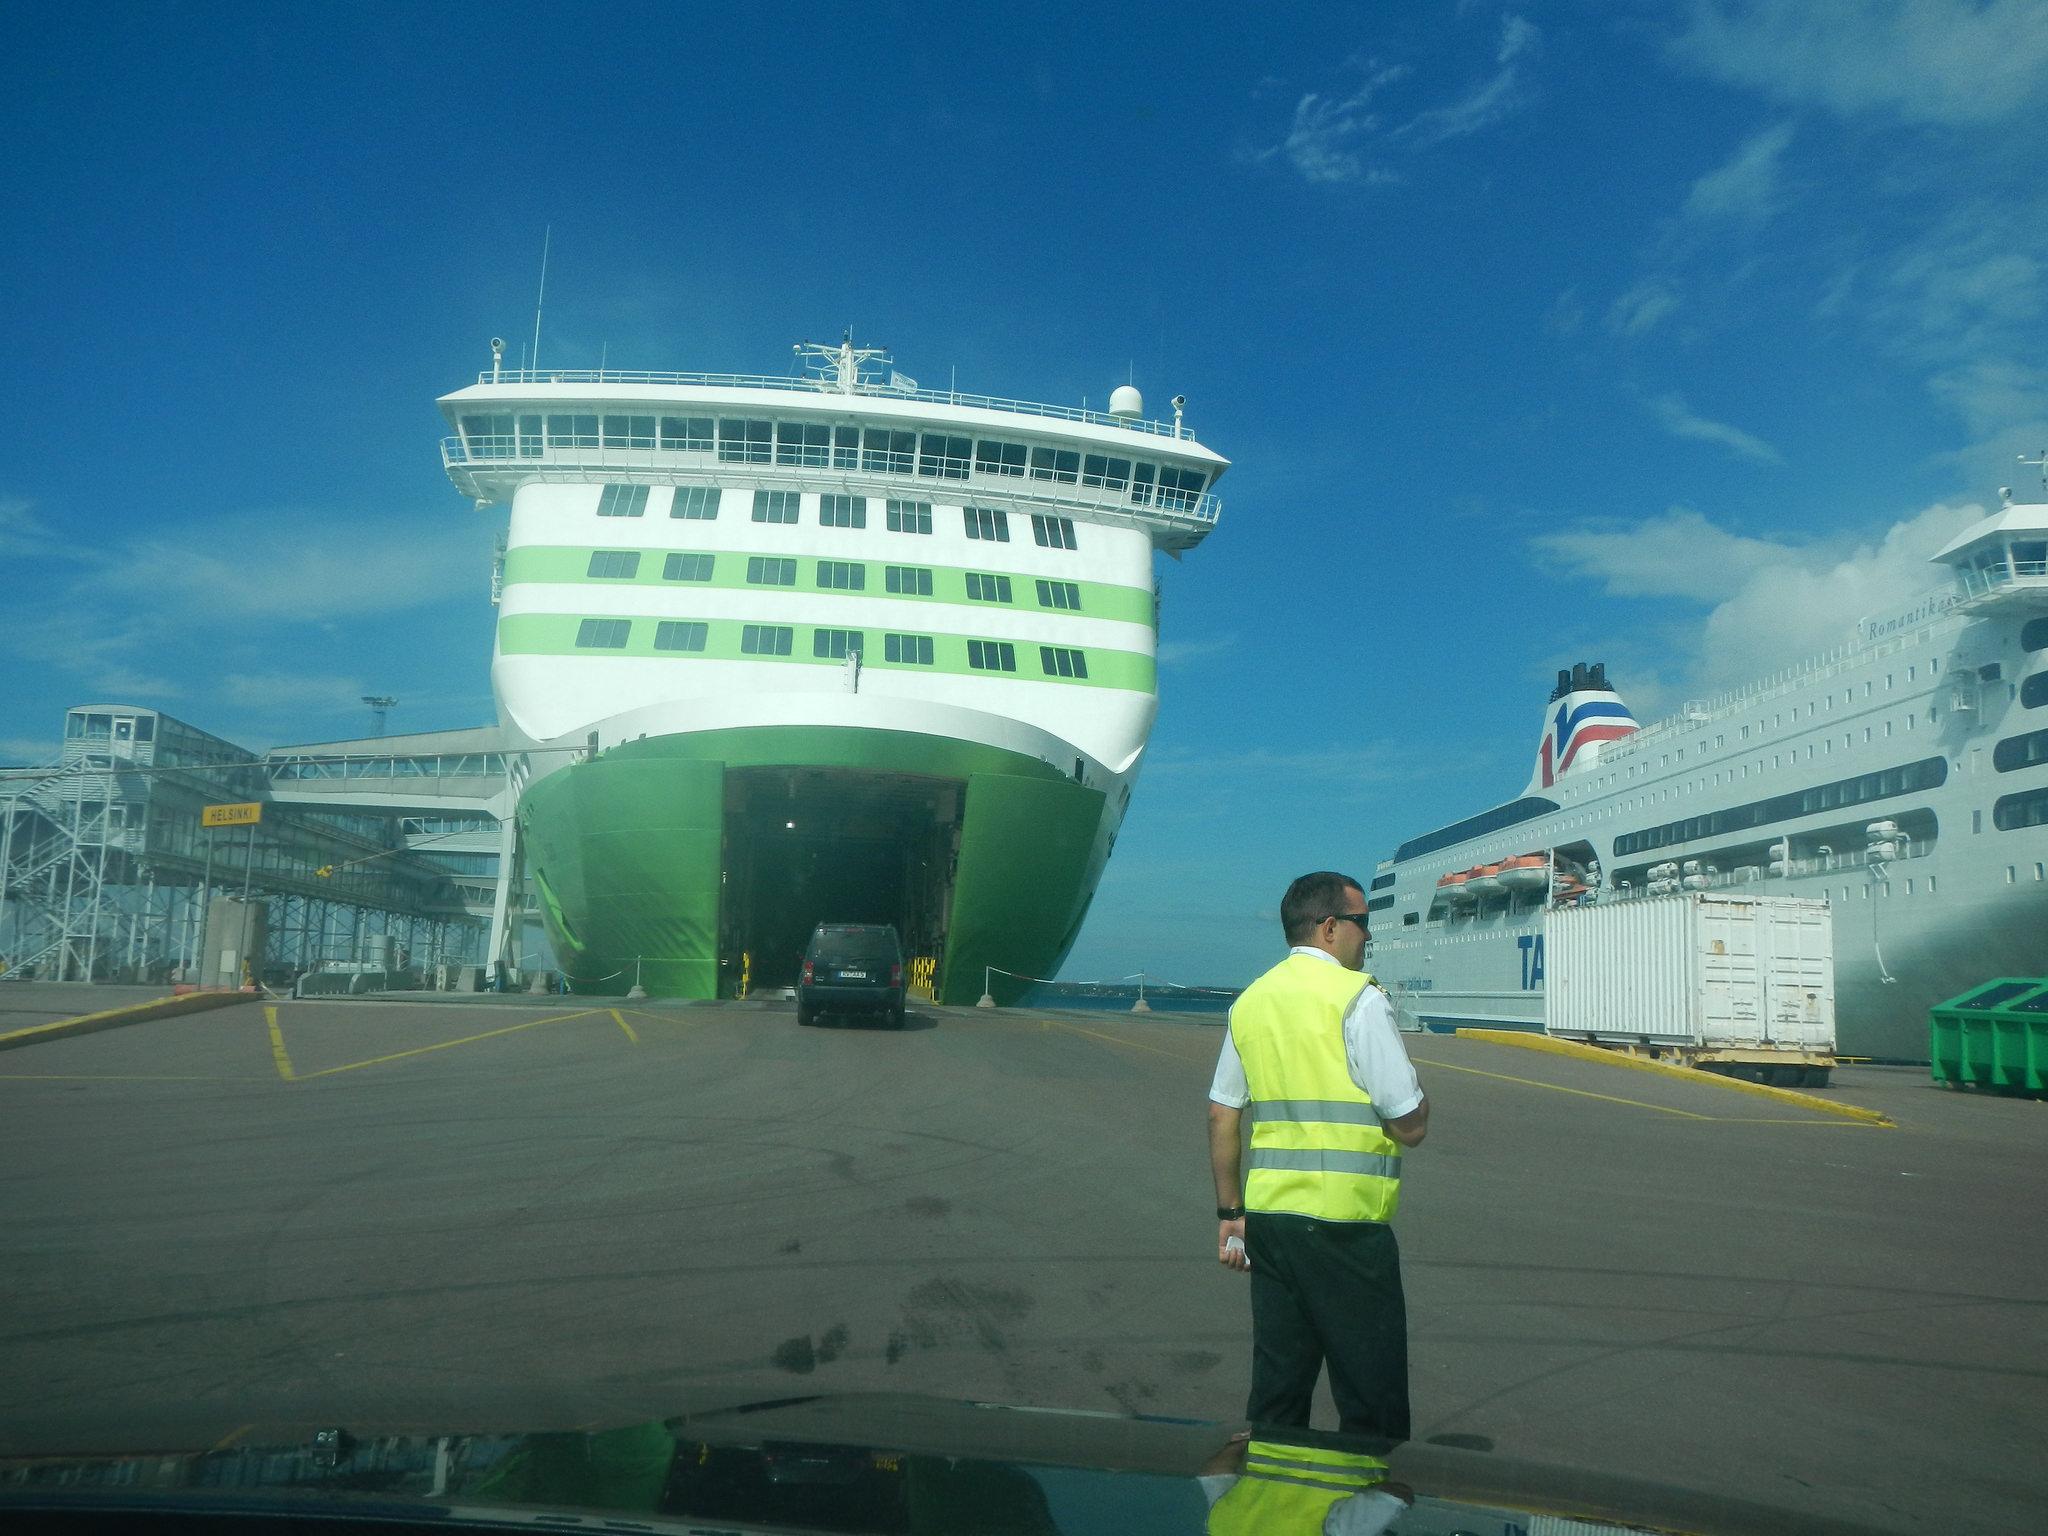 Фериботно пристанище Талин, Естония